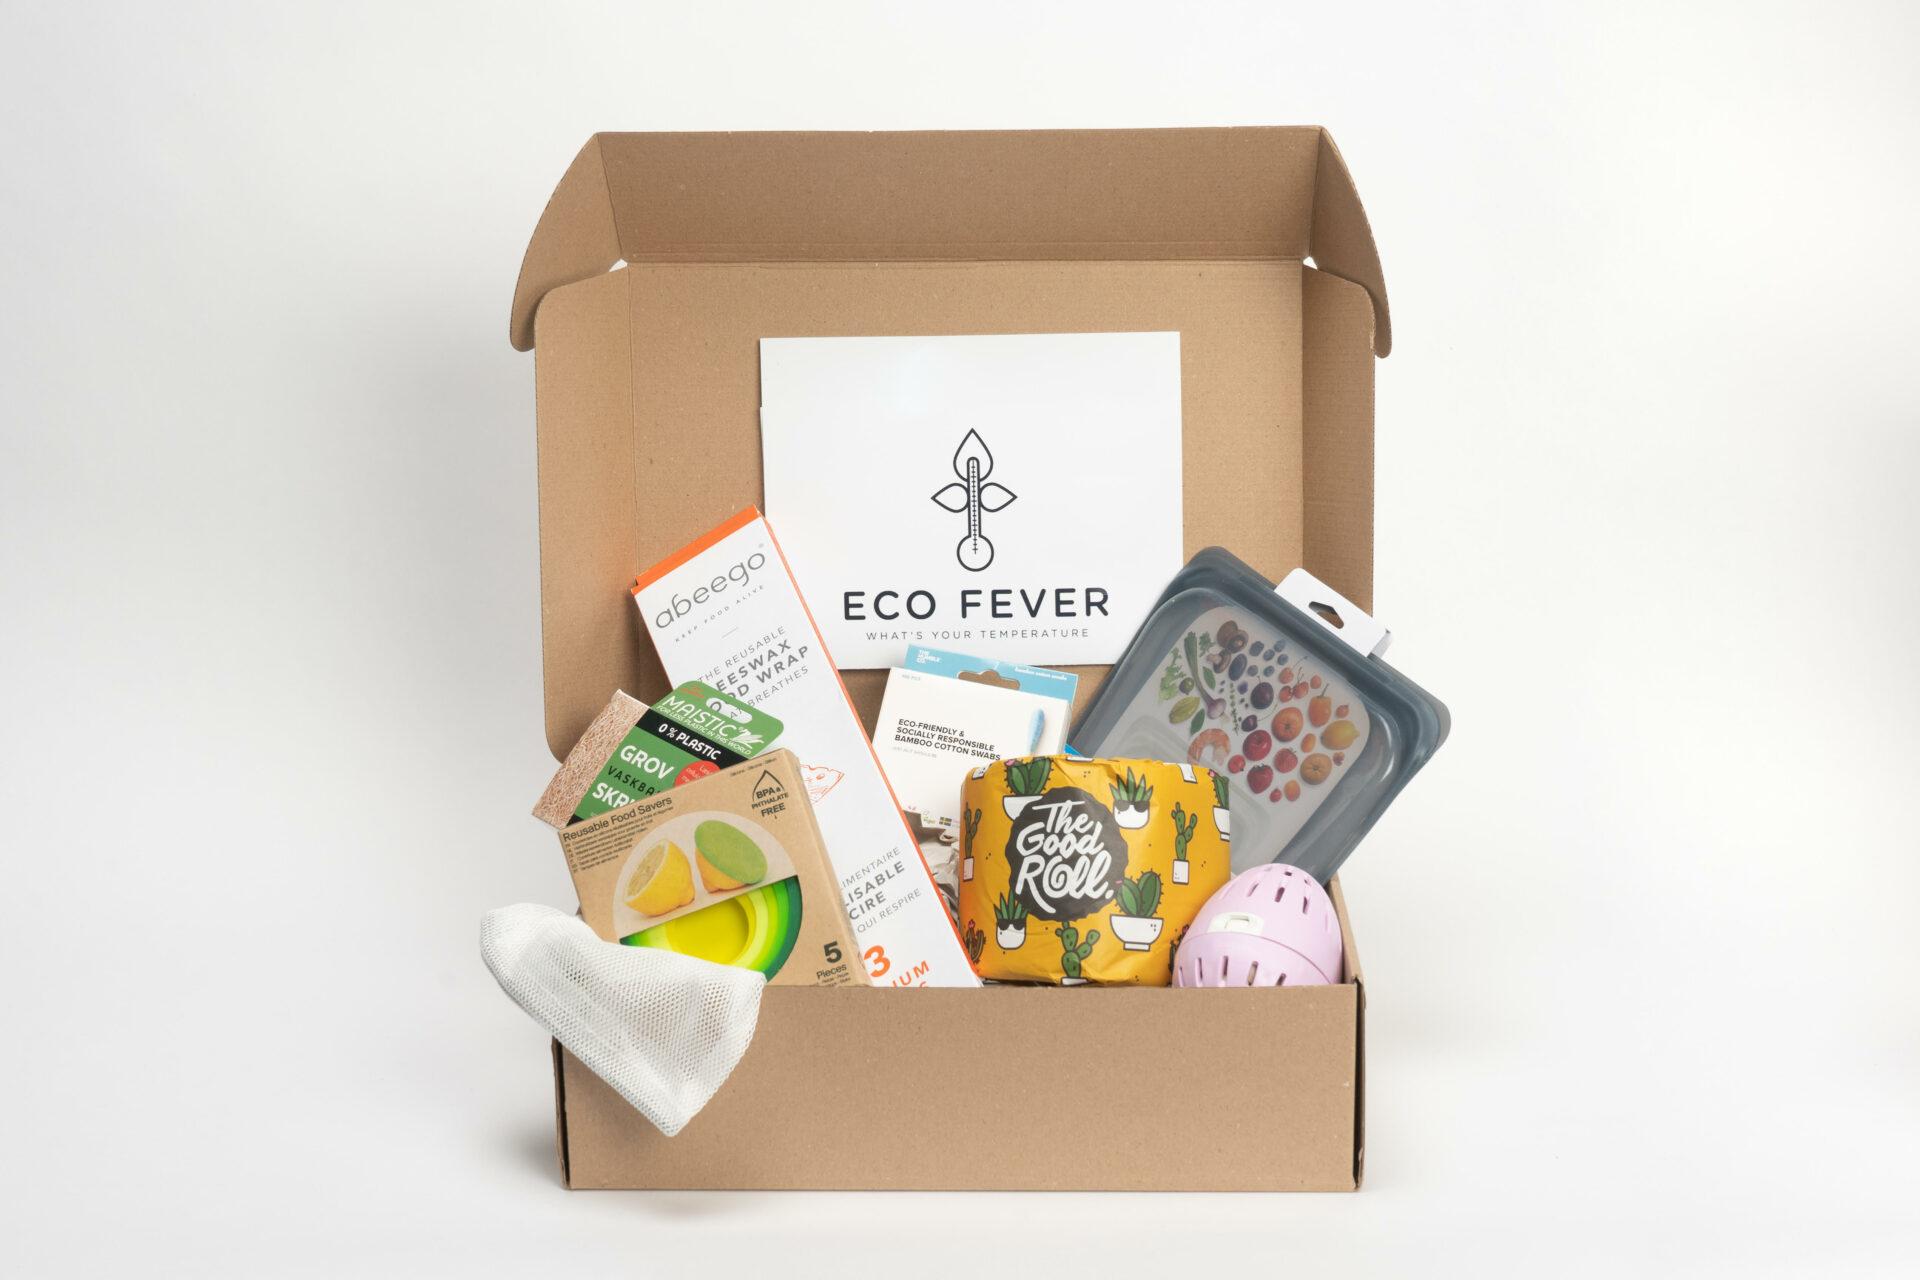 Win een leuke EcoFever box voor Mei Plasticvrij en ga zero plastic